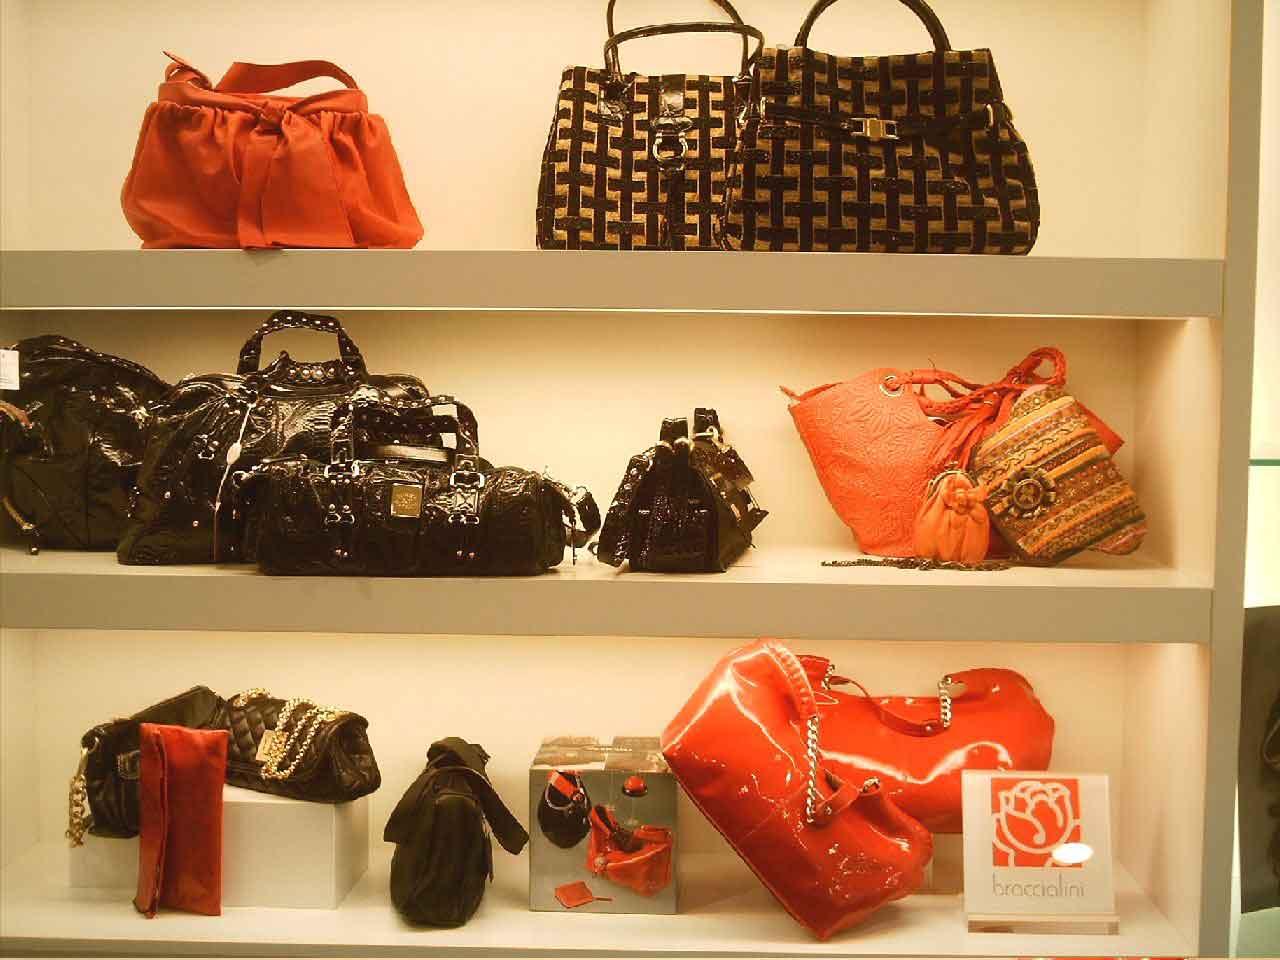 Tienda de bolsos en Manresa   Tienda de maletas en Manresa